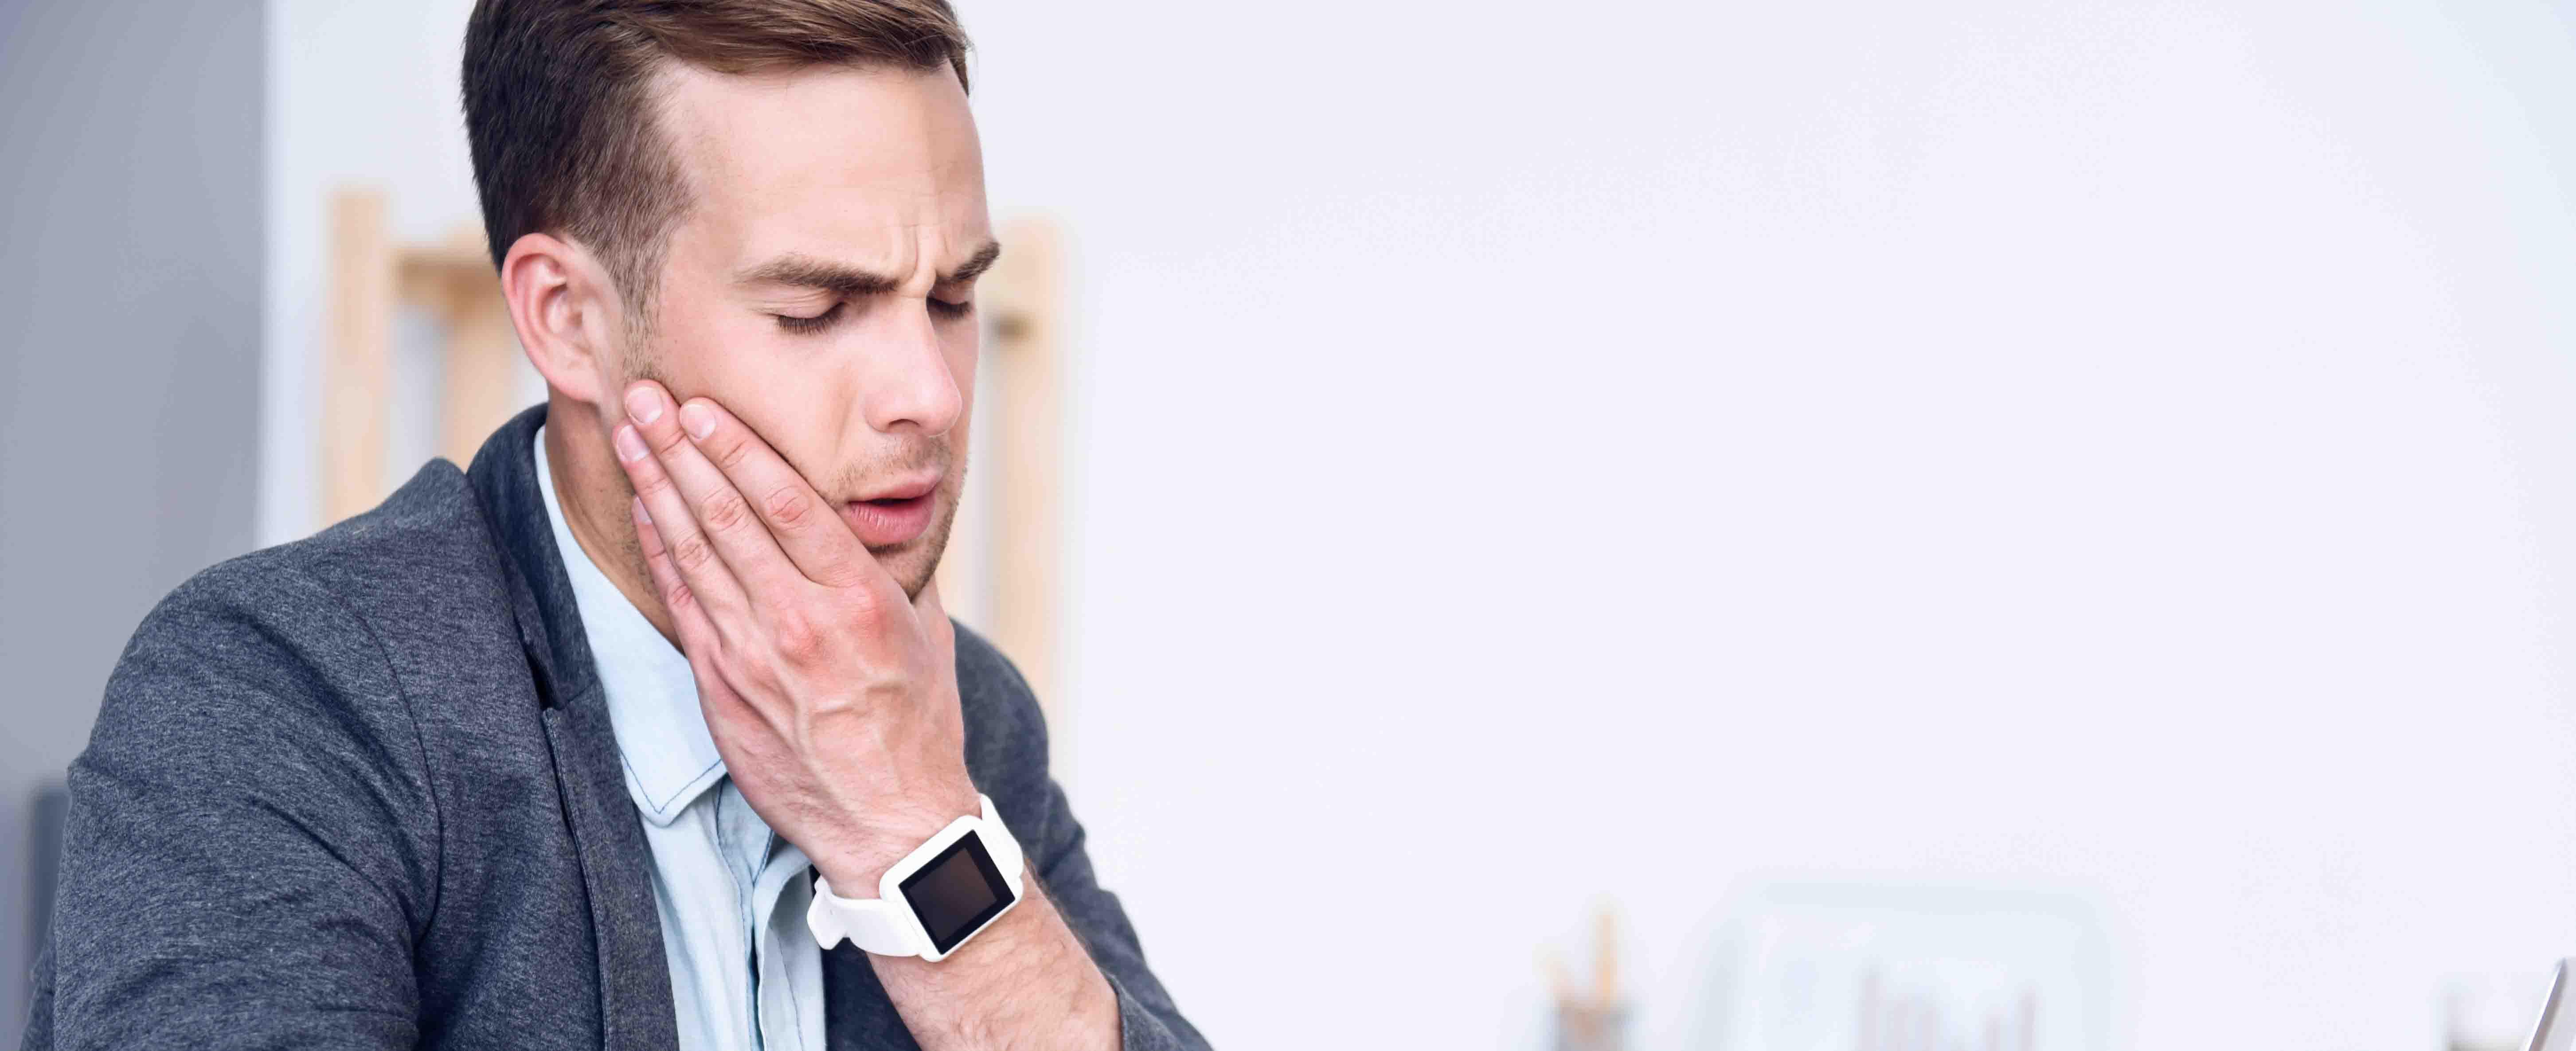 Dental nerve injury compensation - Dental Negligence Team